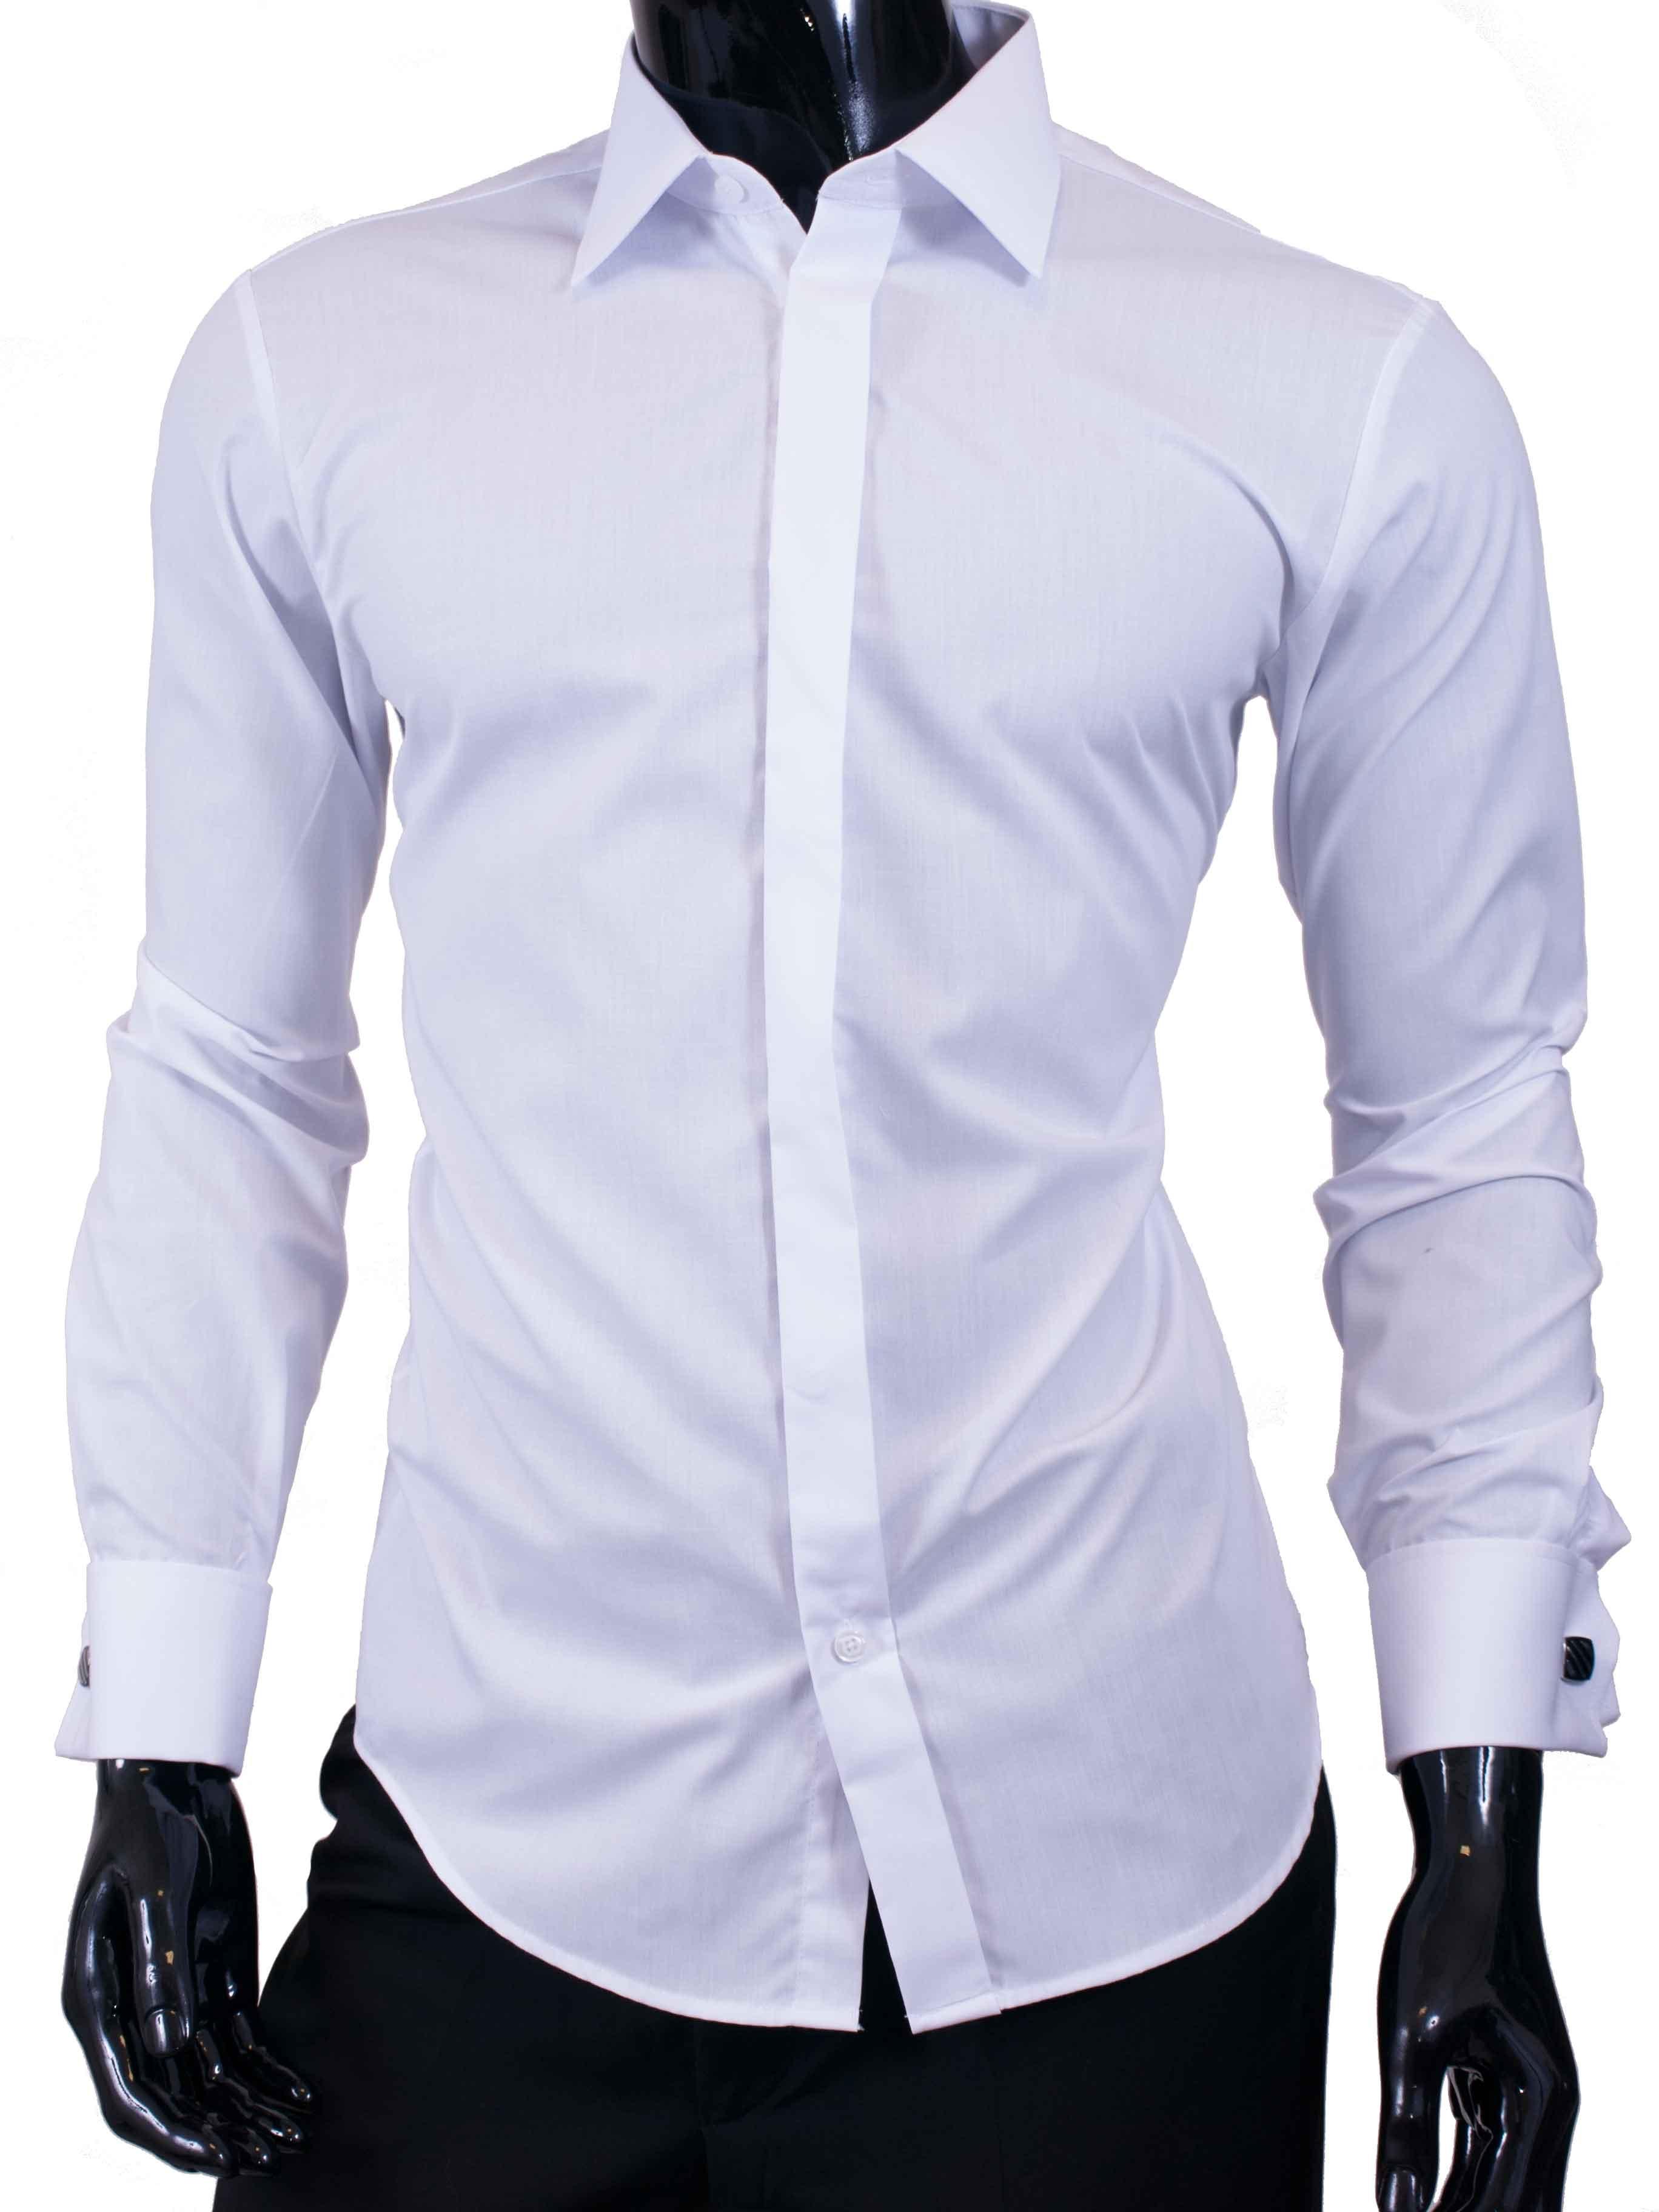 Košile na manžetové knoflíčky - kvalitní oblečení - kosile-kvalitni.cz 3be0ca4b18